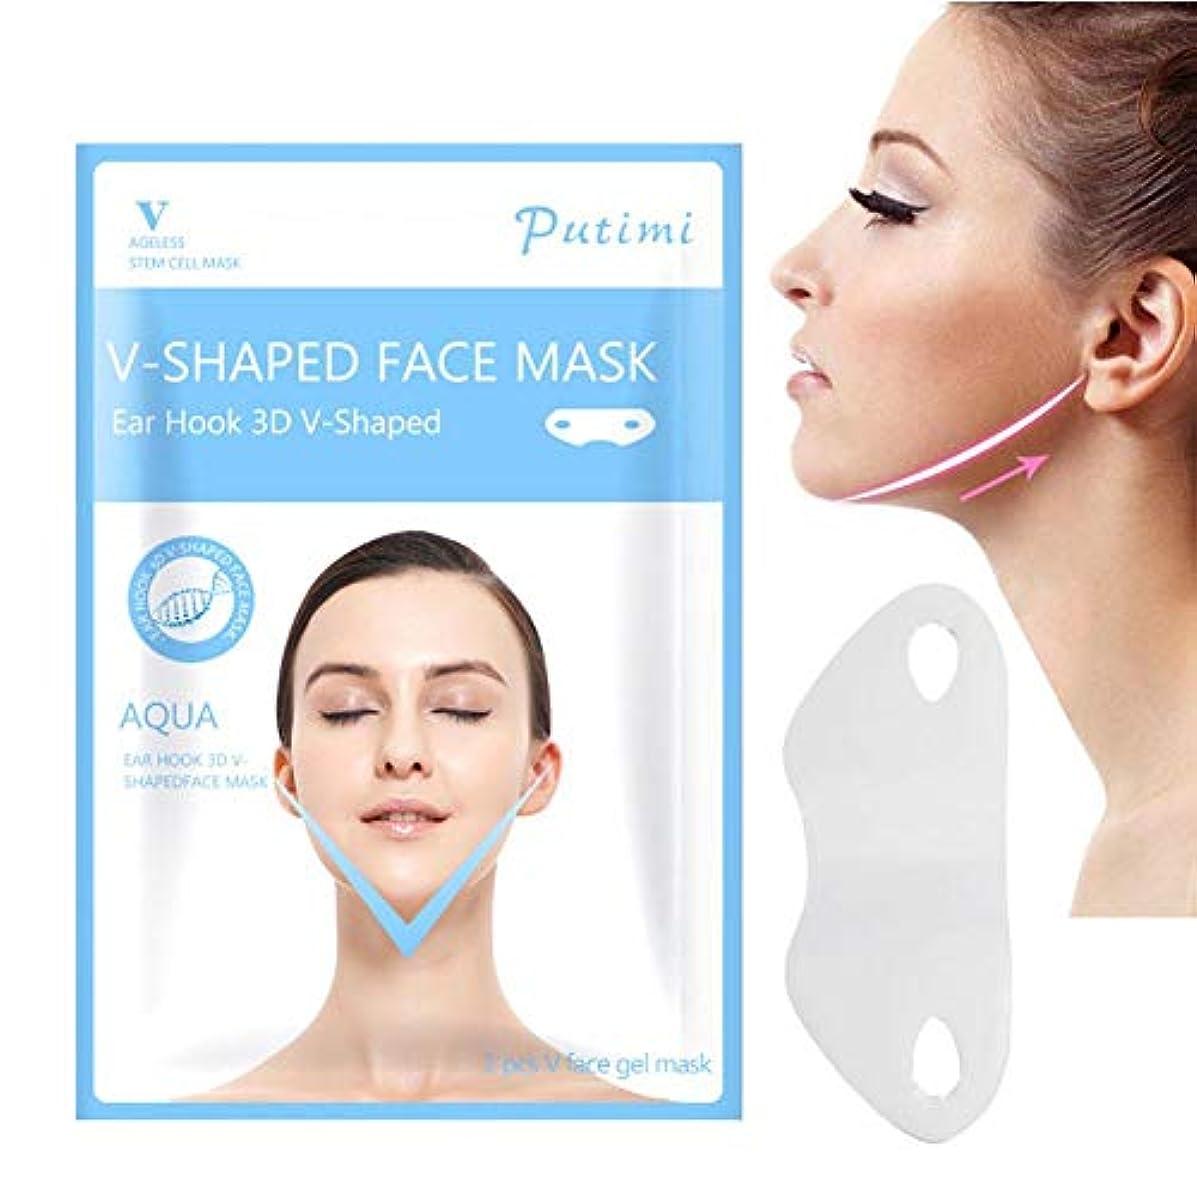 急行する対称プレゼントSILUN 最新型 Vフェイシャルマスク フェイスマスク 小顔 マスク フェイスラインベルト 美顔 顔痩せ 保湿 血行を促進する 睡眠マスク